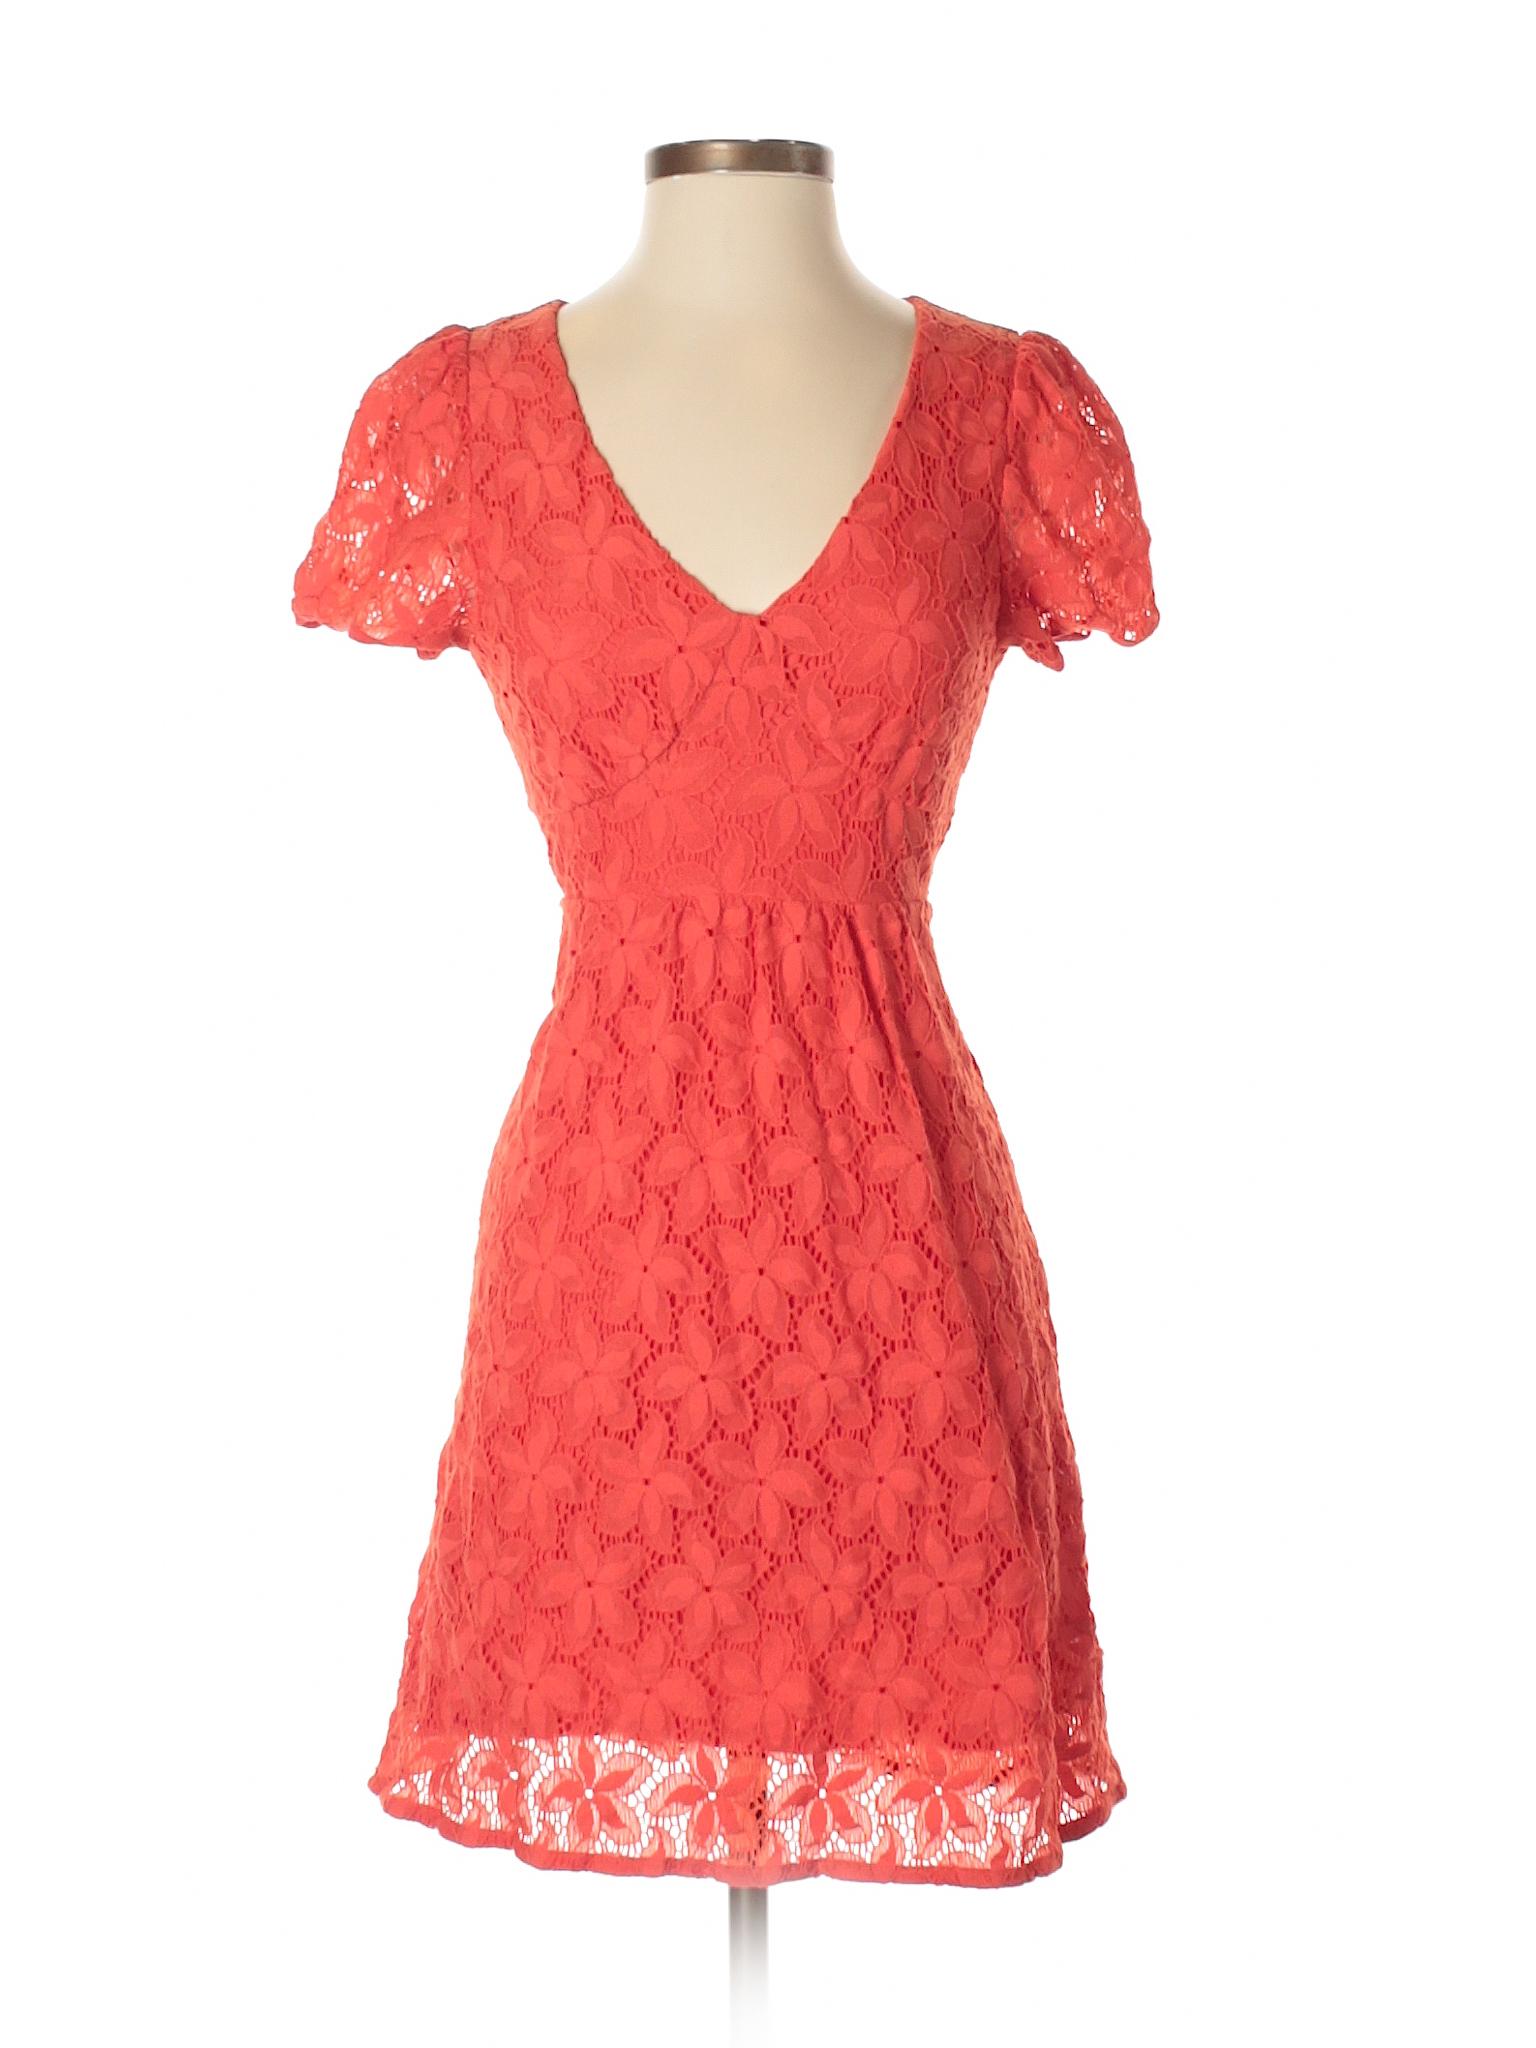 Casual Leif winter Boutique Notes Dress qv6ptgap